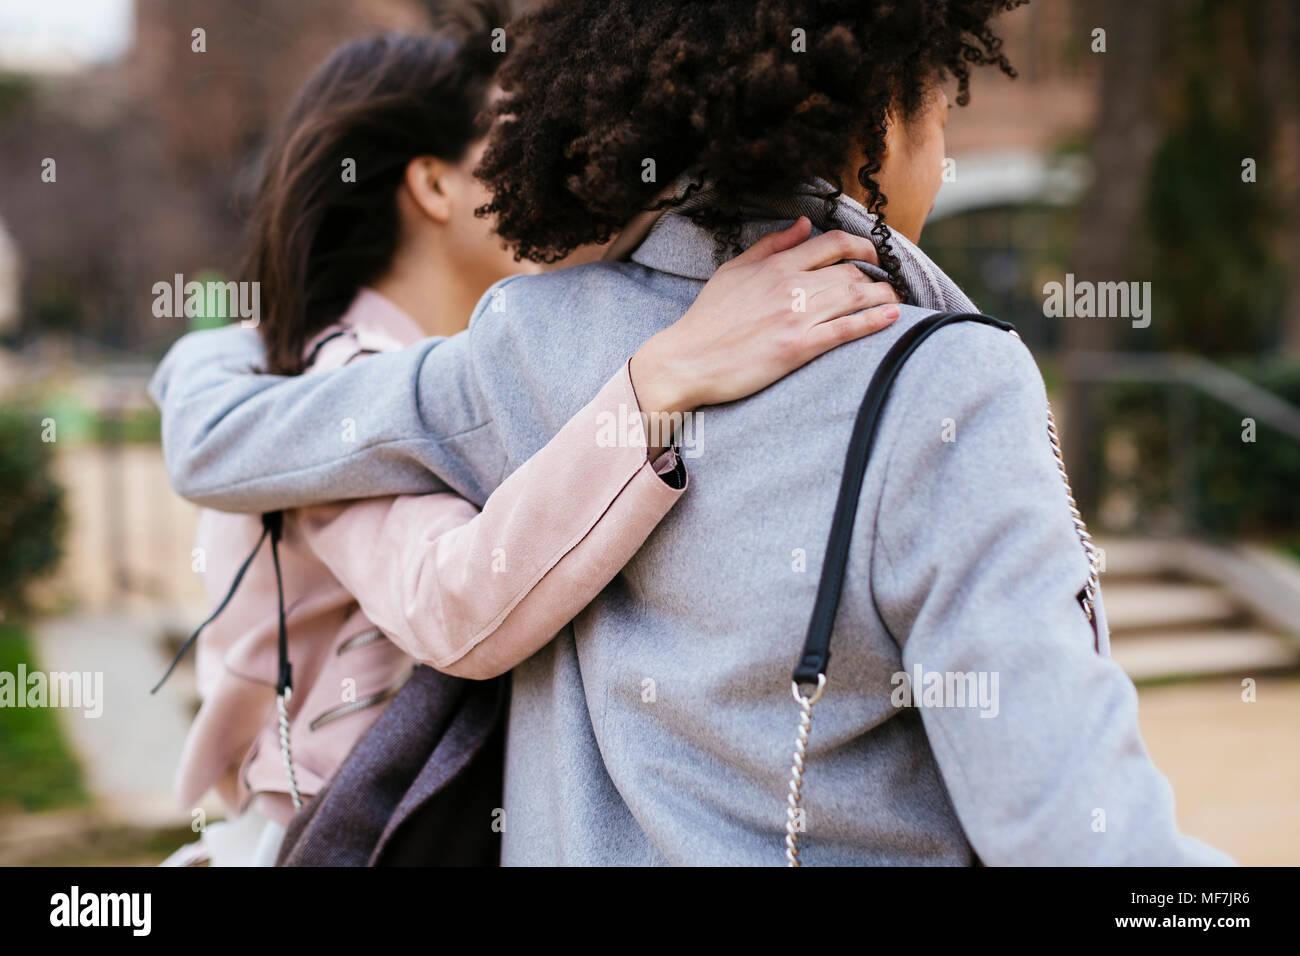 España, Barcelona, dos mujeres en City Park abrazando Imagen De Stock